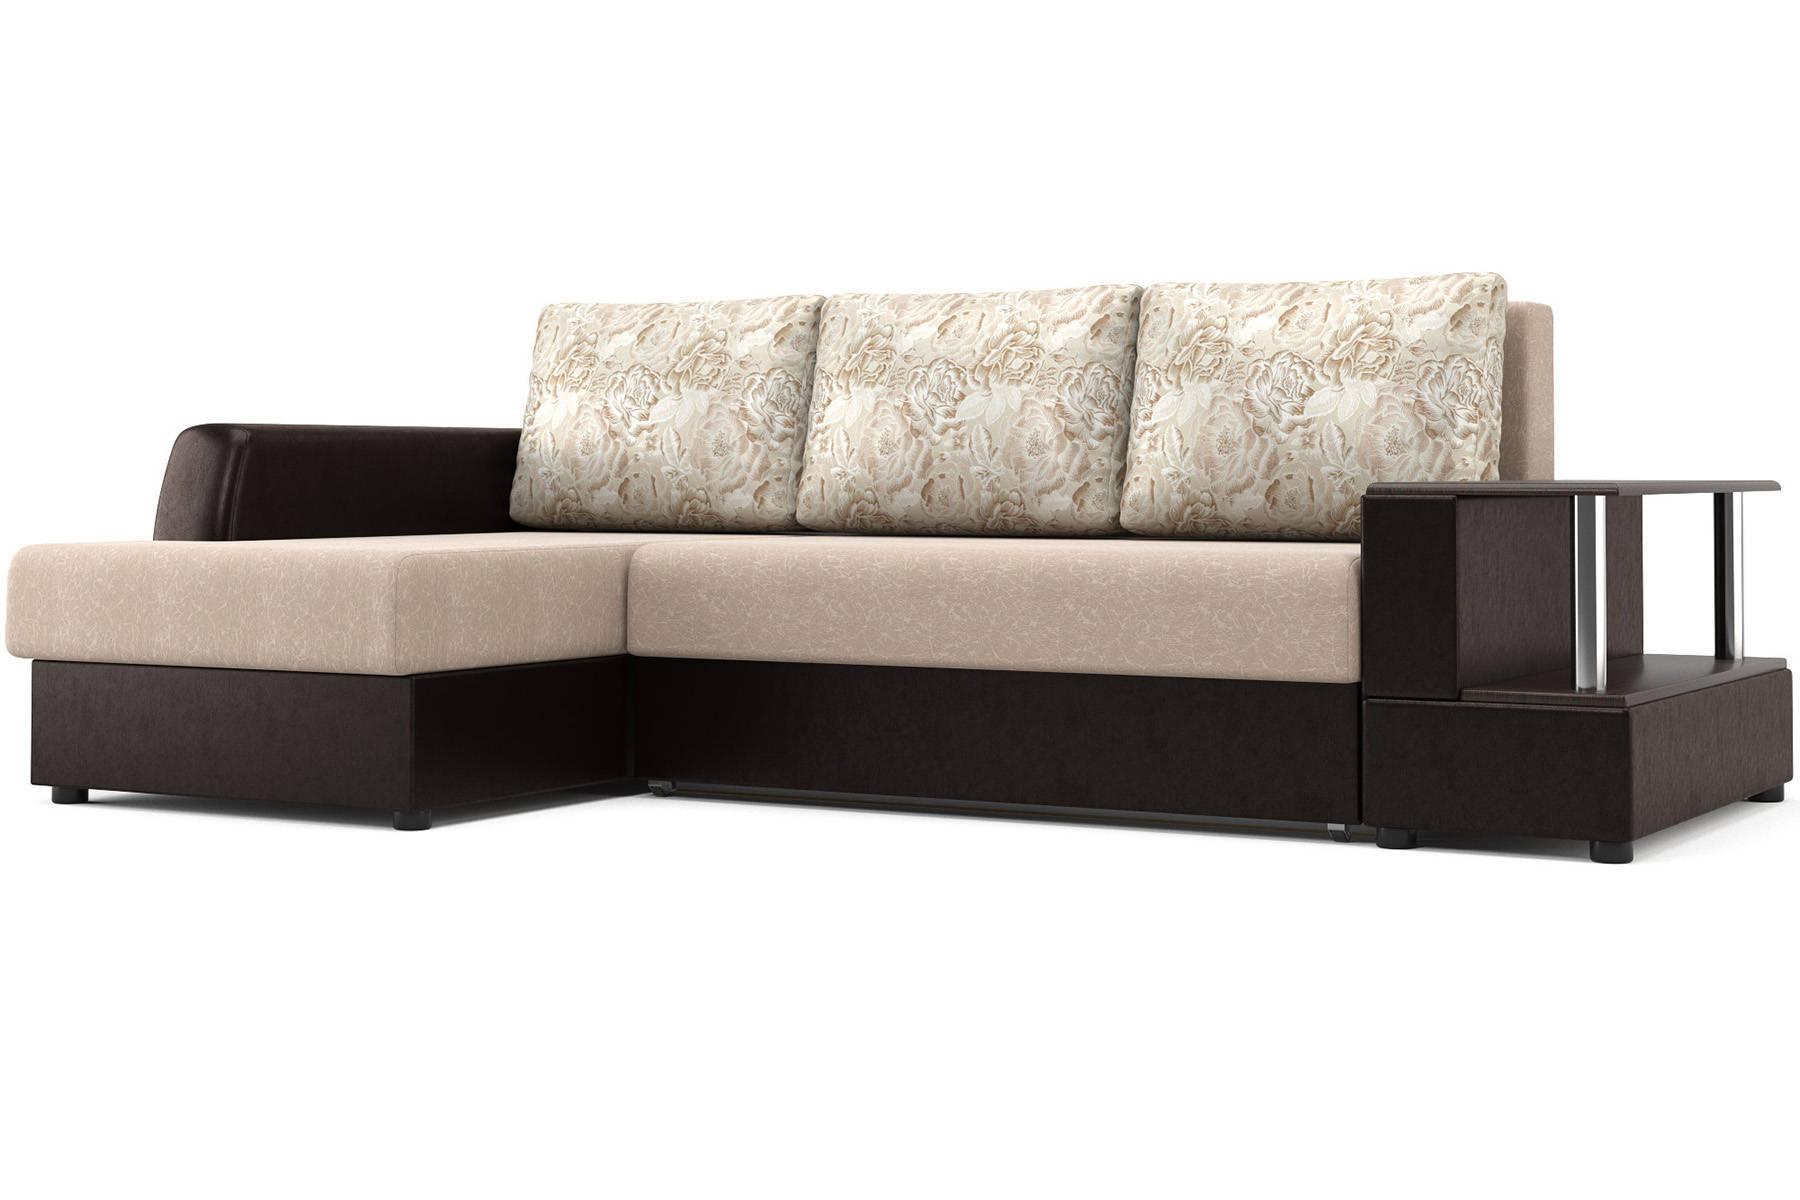 Угловой диван Франк (левый) бежево-коричневый